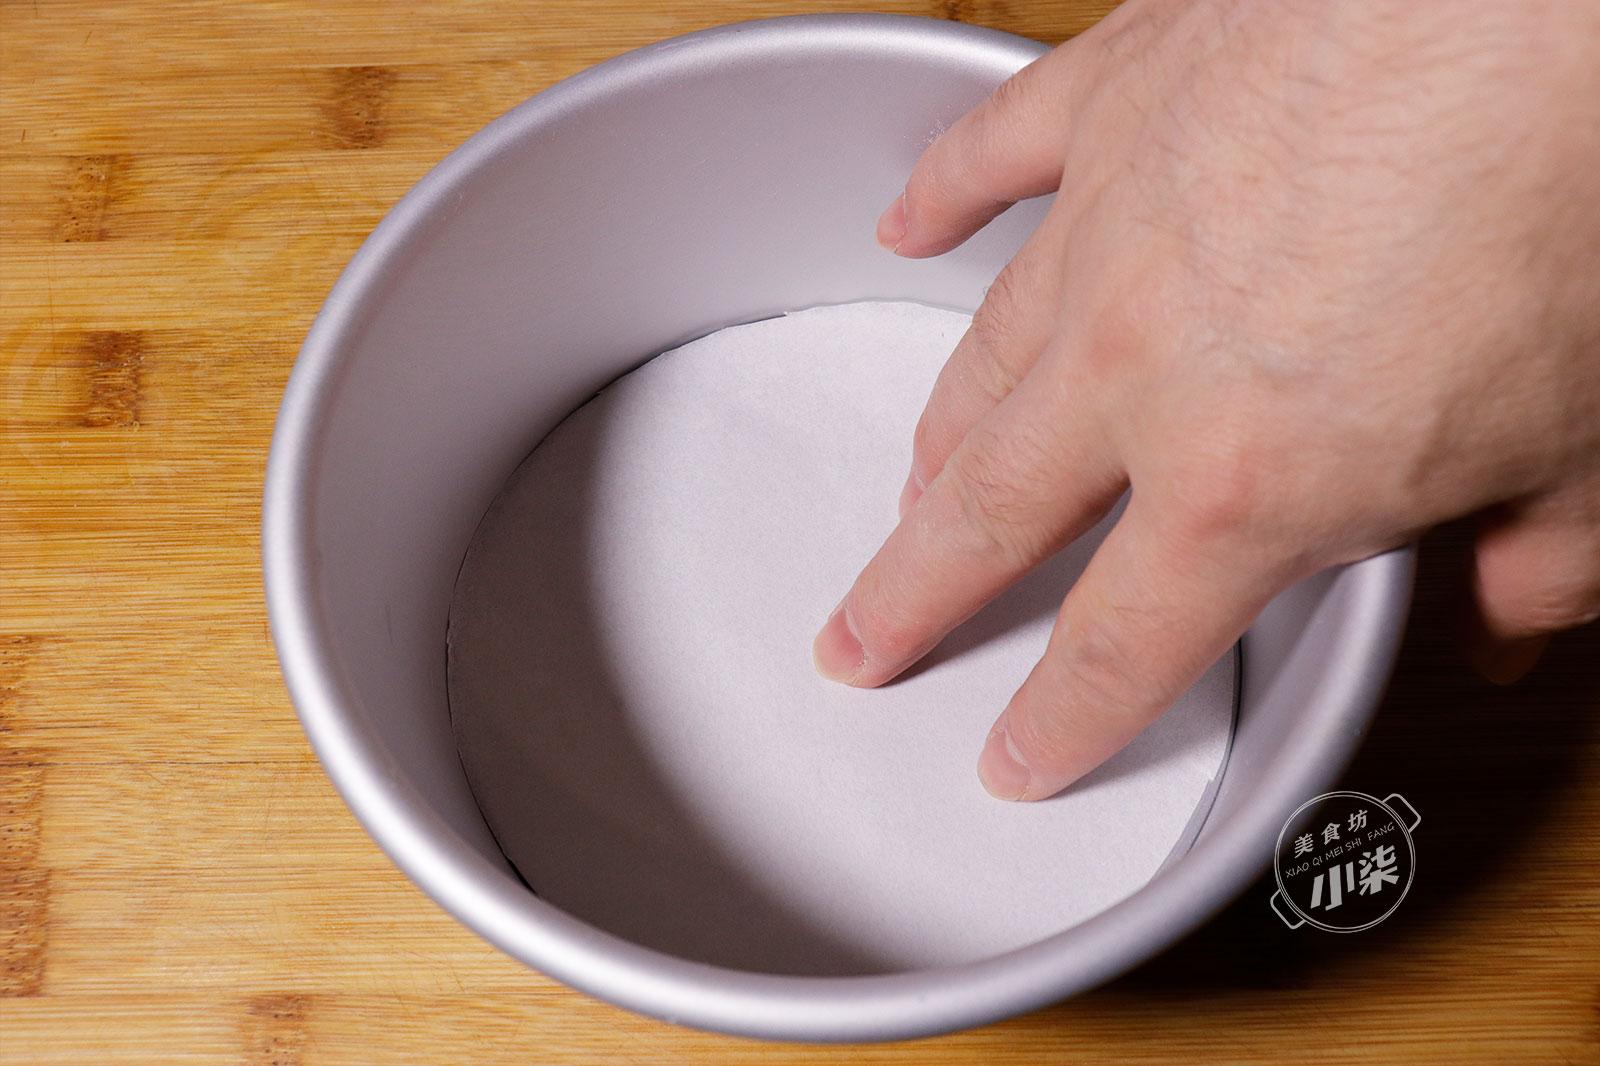 南瓜紫薯發糕做法,攪一攪,出鍋不塌陷不回縮,比油條包子都好吃